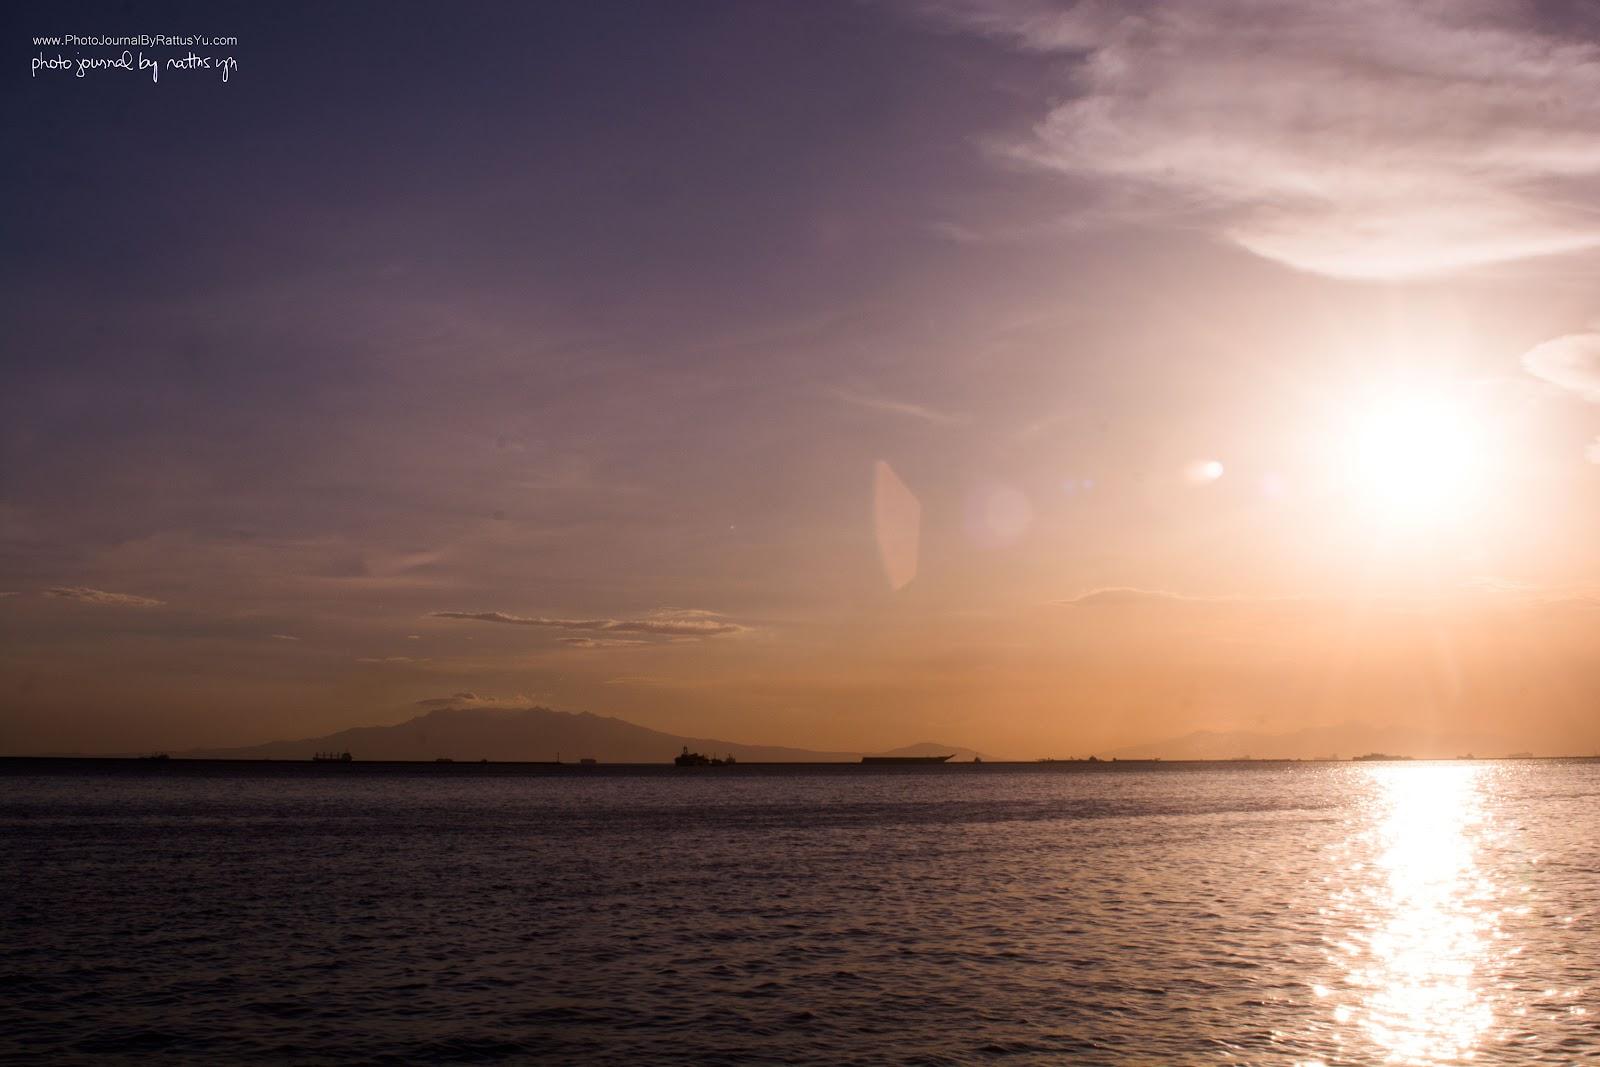 May 6, 2016: Monster Sunset At Manila Bay